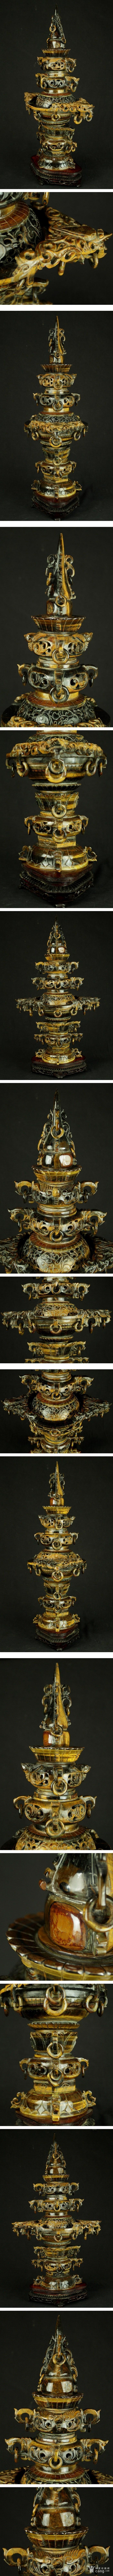 清代宫廷虎睛石雕刻28环礼佛塔